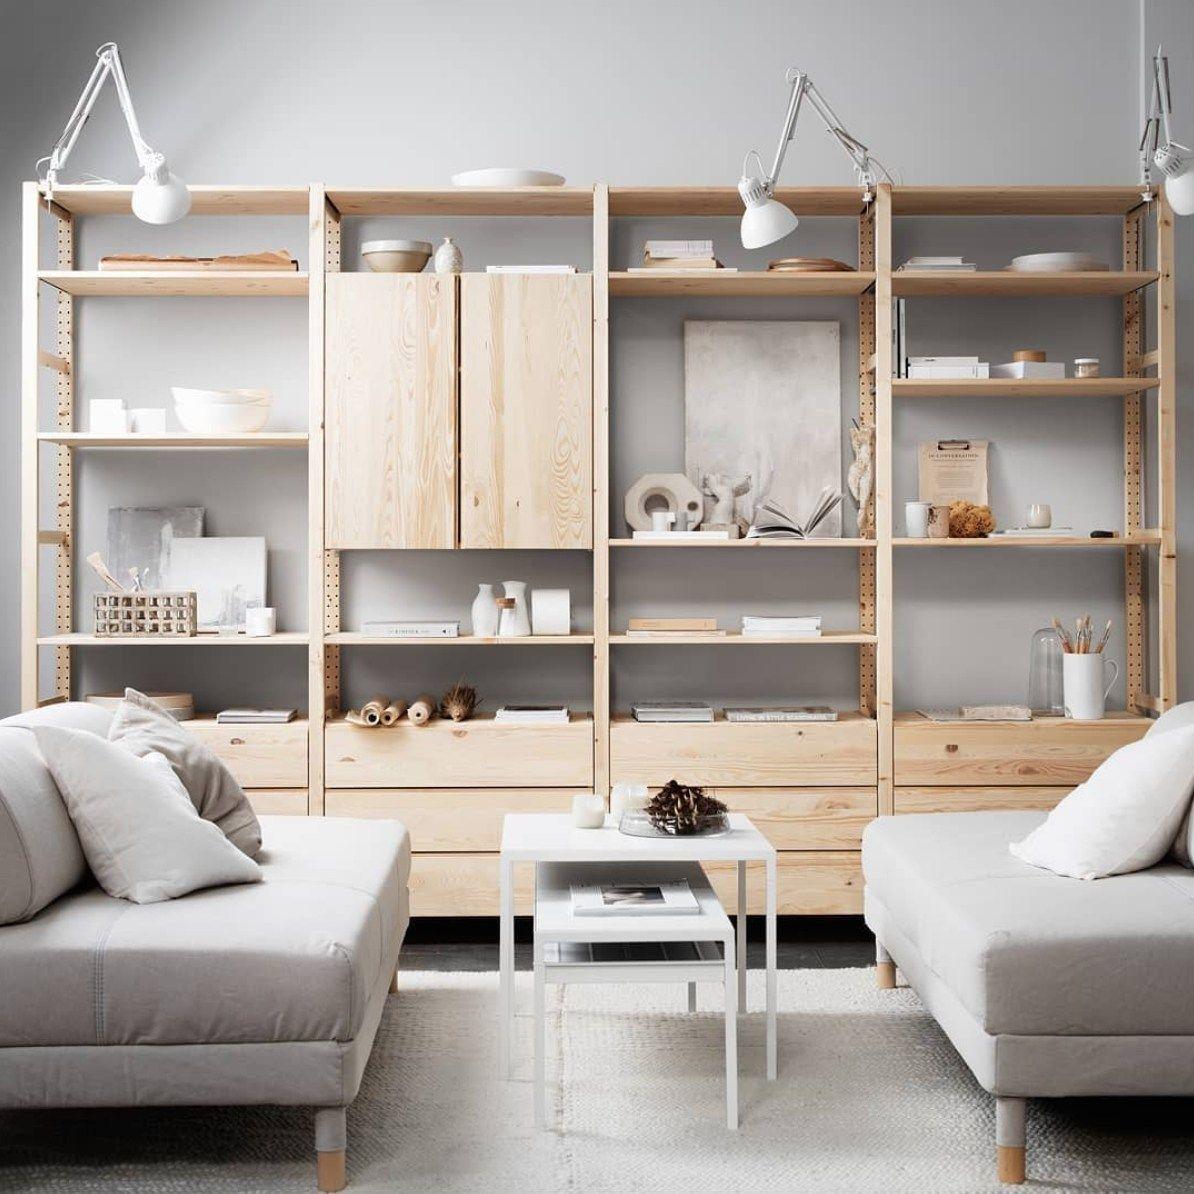 Living Room Furniture Ikea: 40 IKEA Furniture Ideas For Living Room Decor